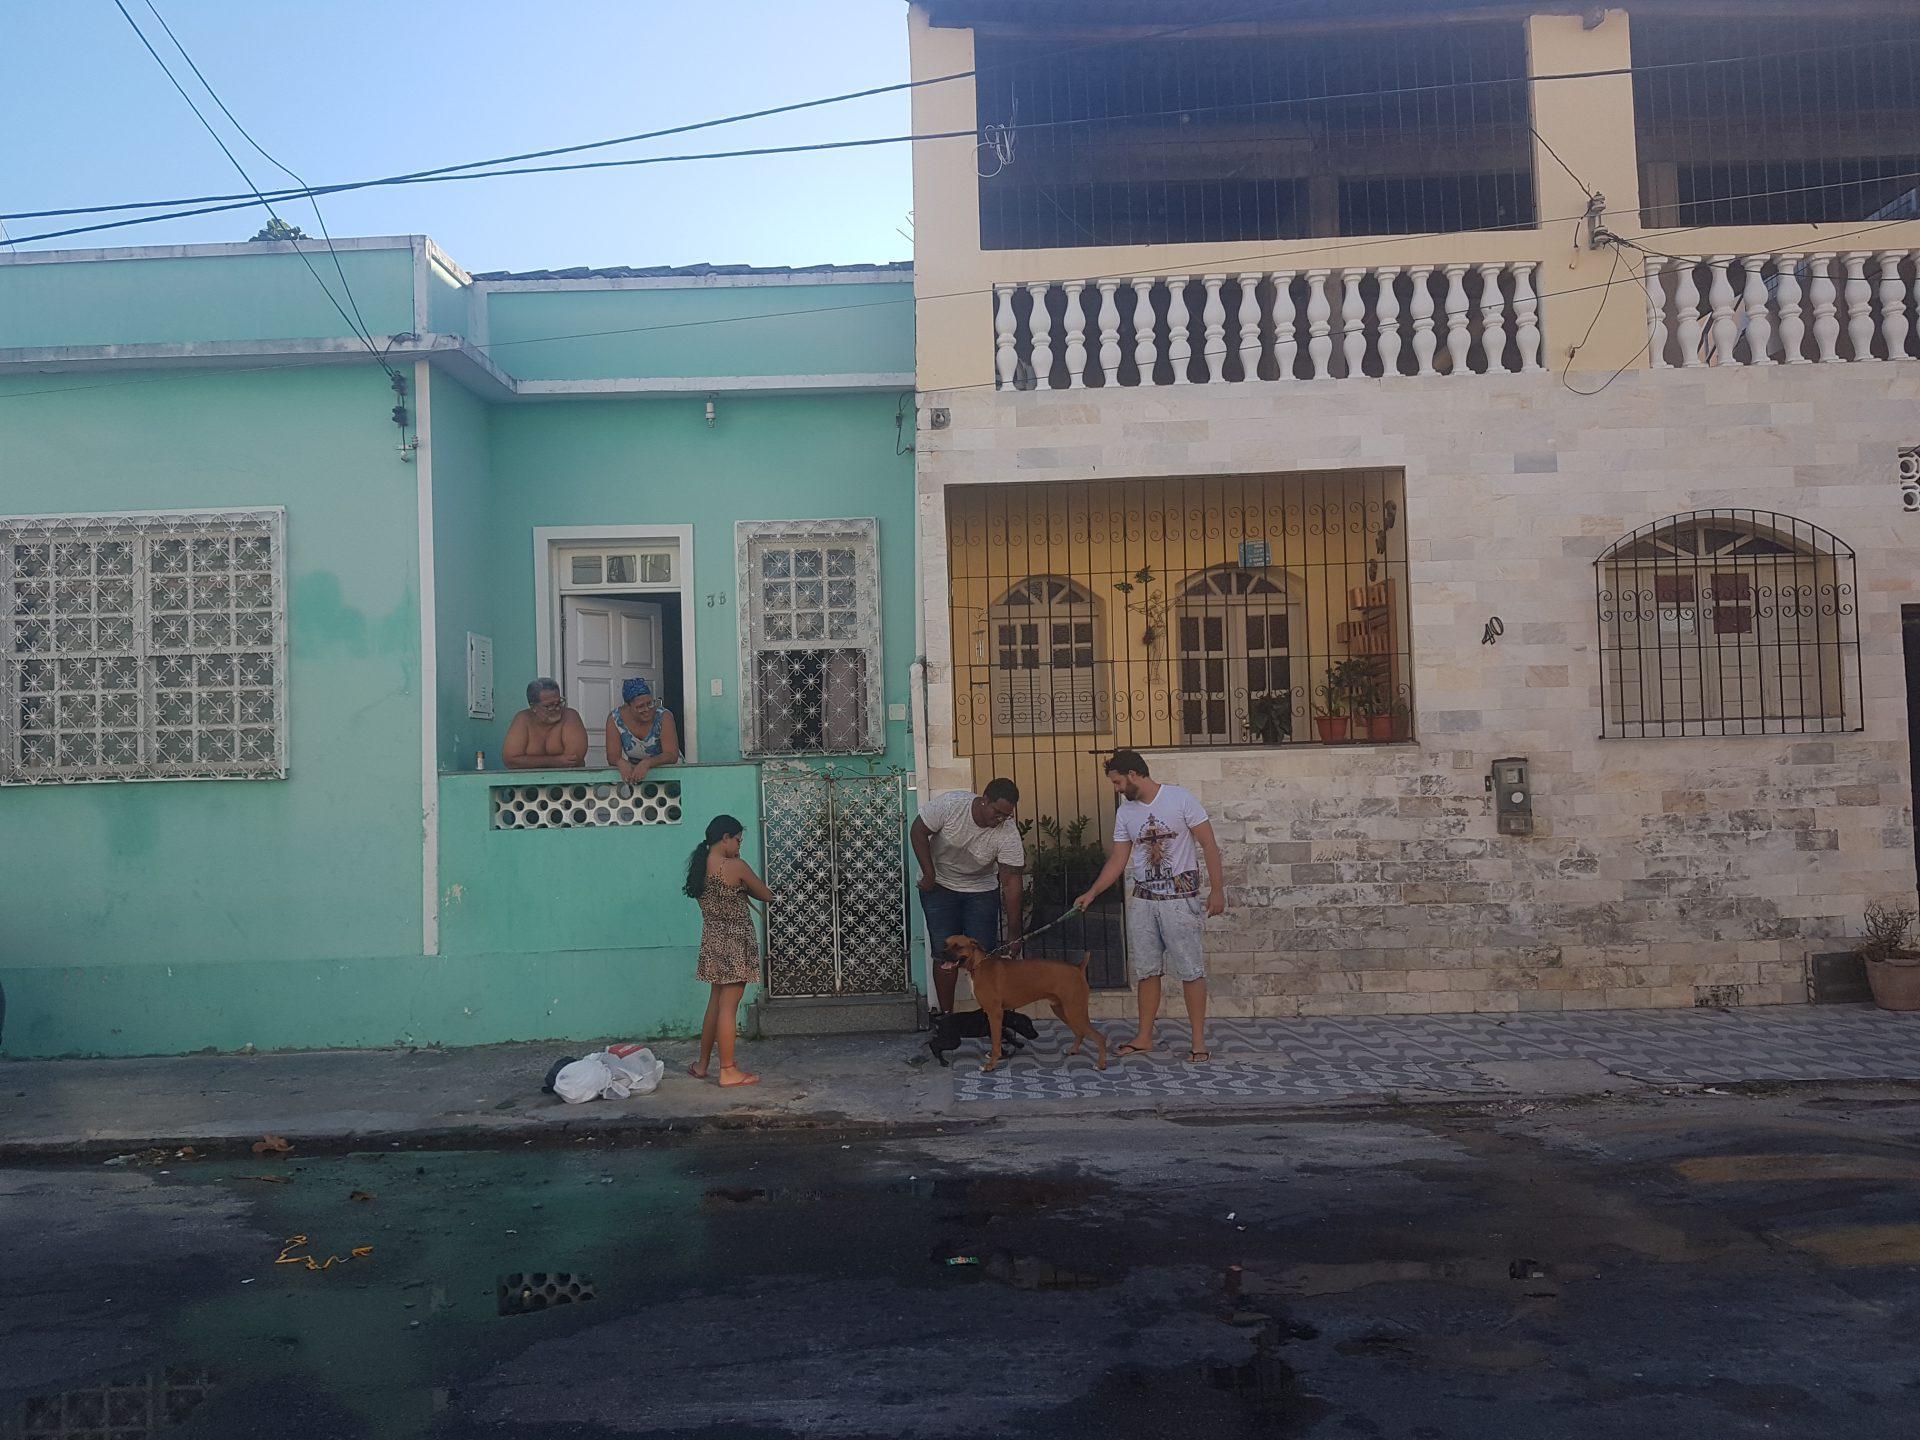 Salvador da Bahia Bonfim Monte Serrat Boa Viagem Spaziergang